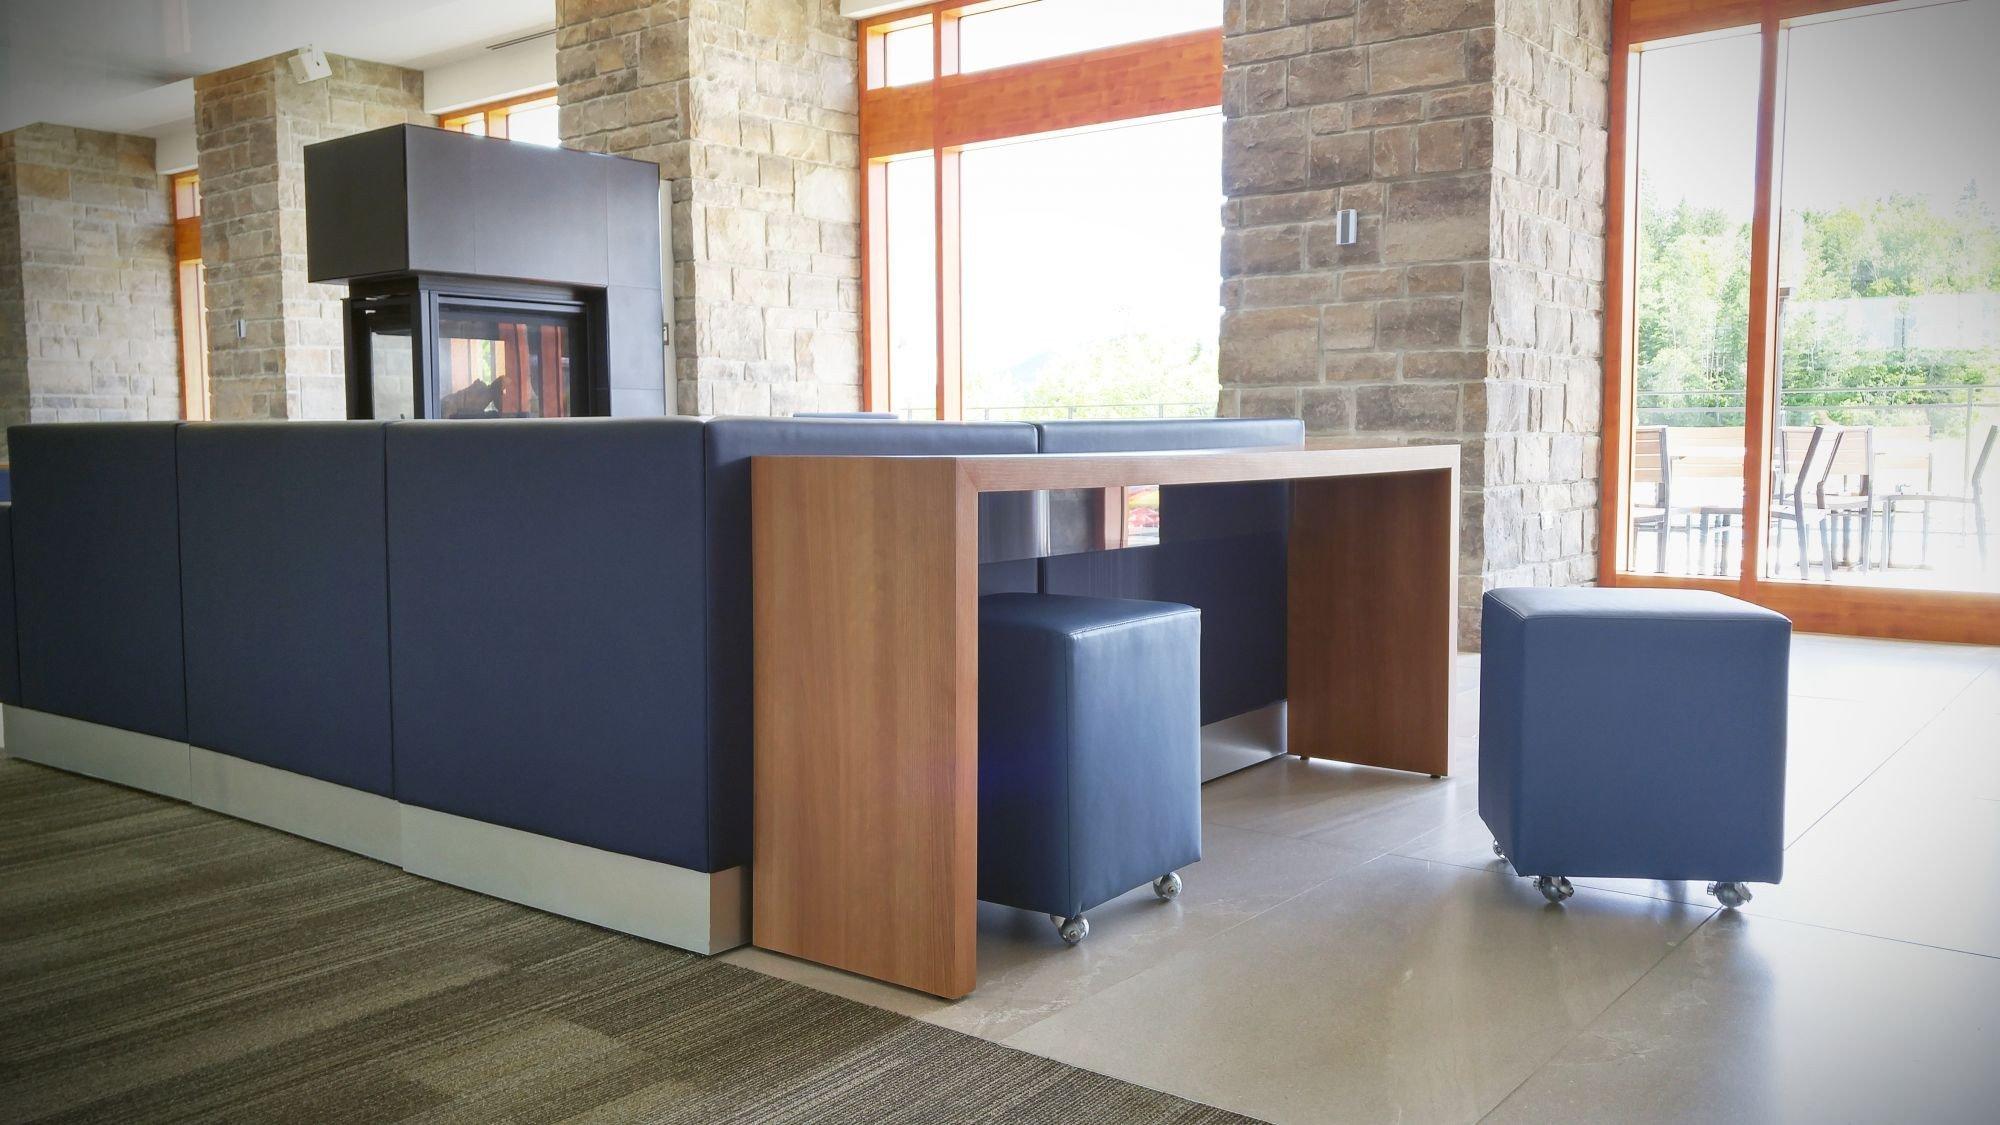 mobilier de bureau mbh avait pour objectif de trouver et de proposer les meilleurs produits a la fois confortables et resistants pour ce bel environnement